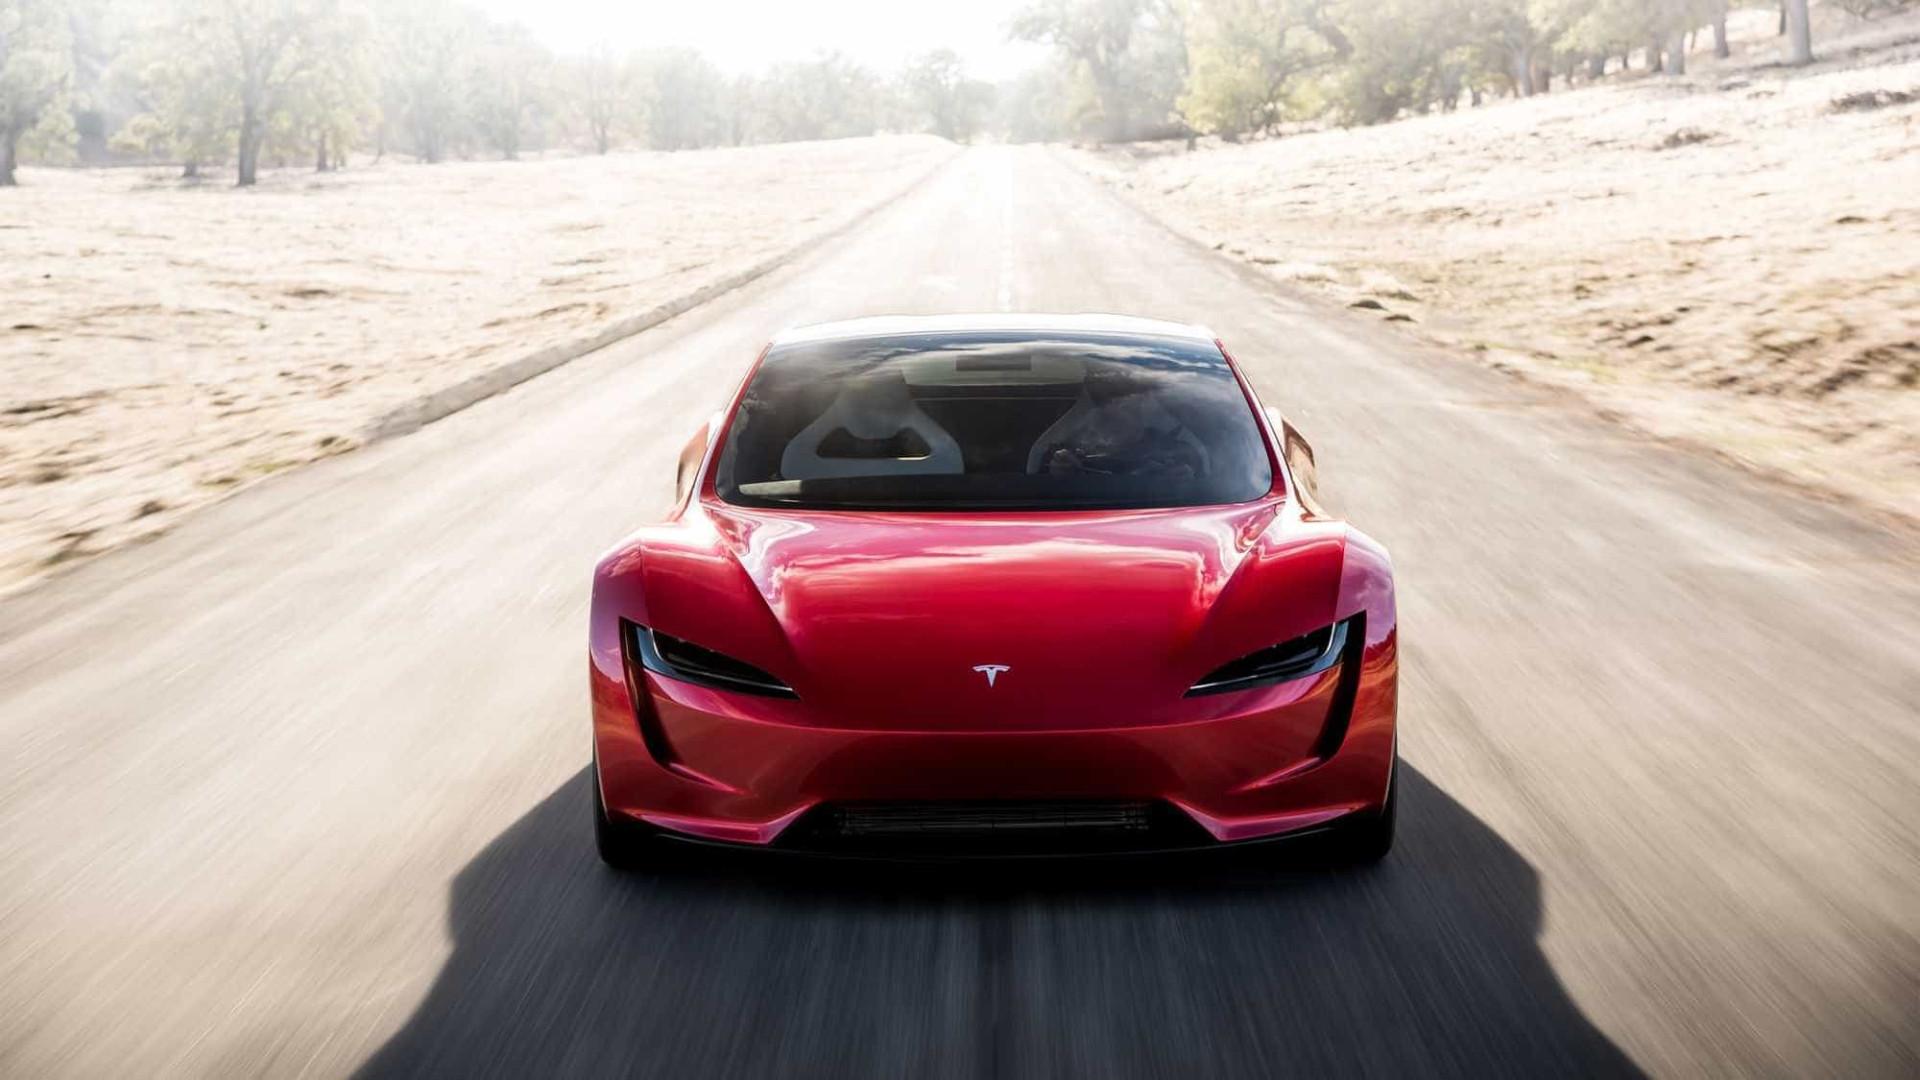 O Tesla Roadster será tão rápido que até vai voar. A sério